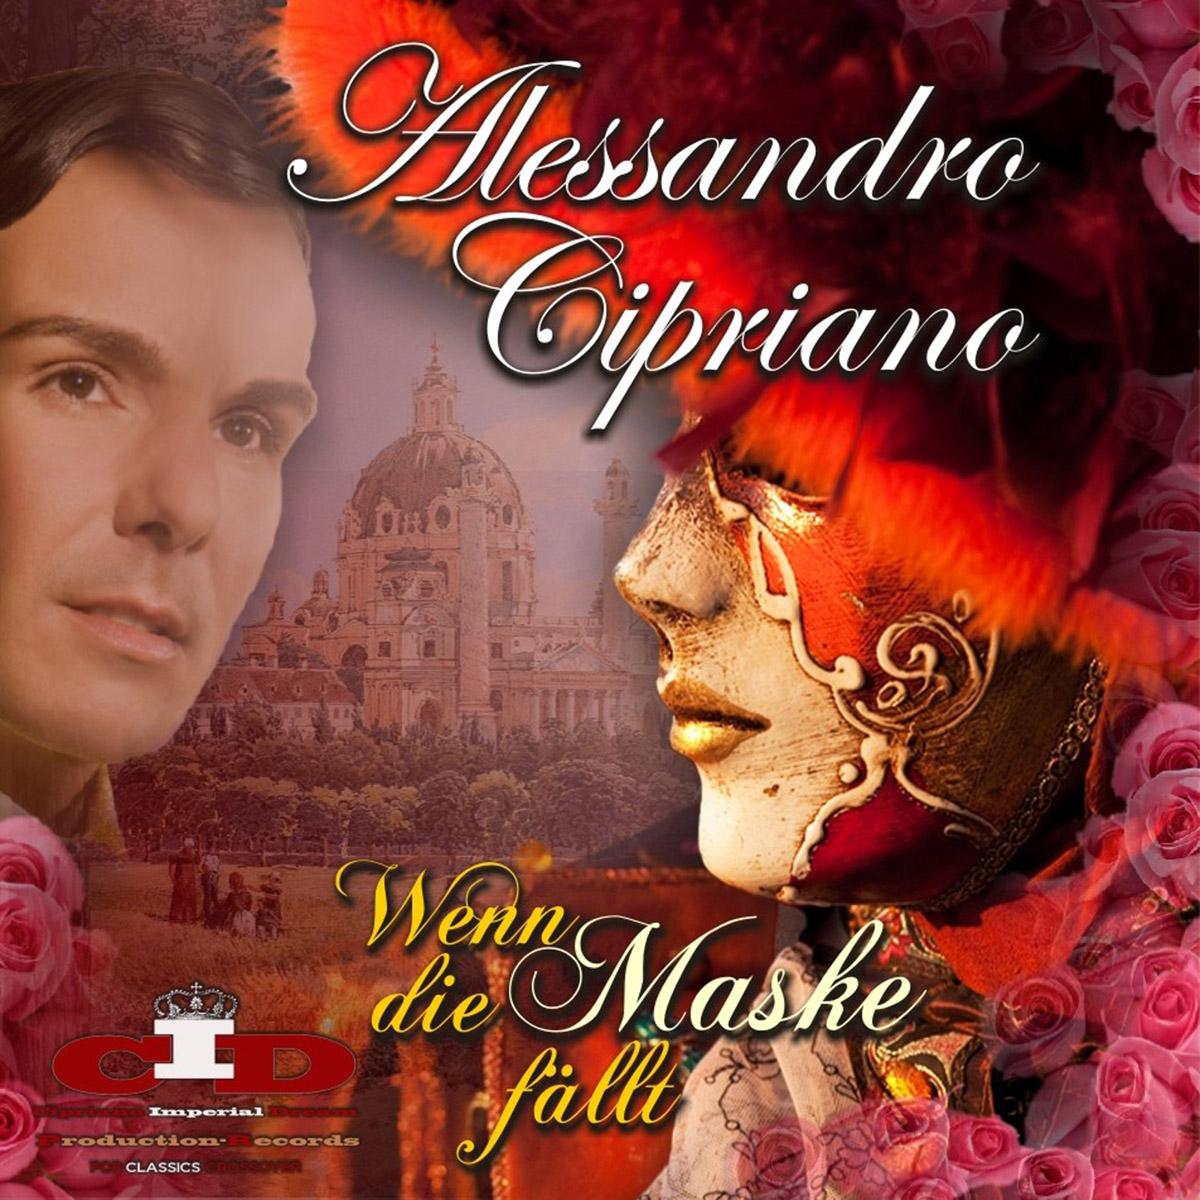 Sissi Trilogie, Wenn die Maske Fällt von Alessandro Cipriano